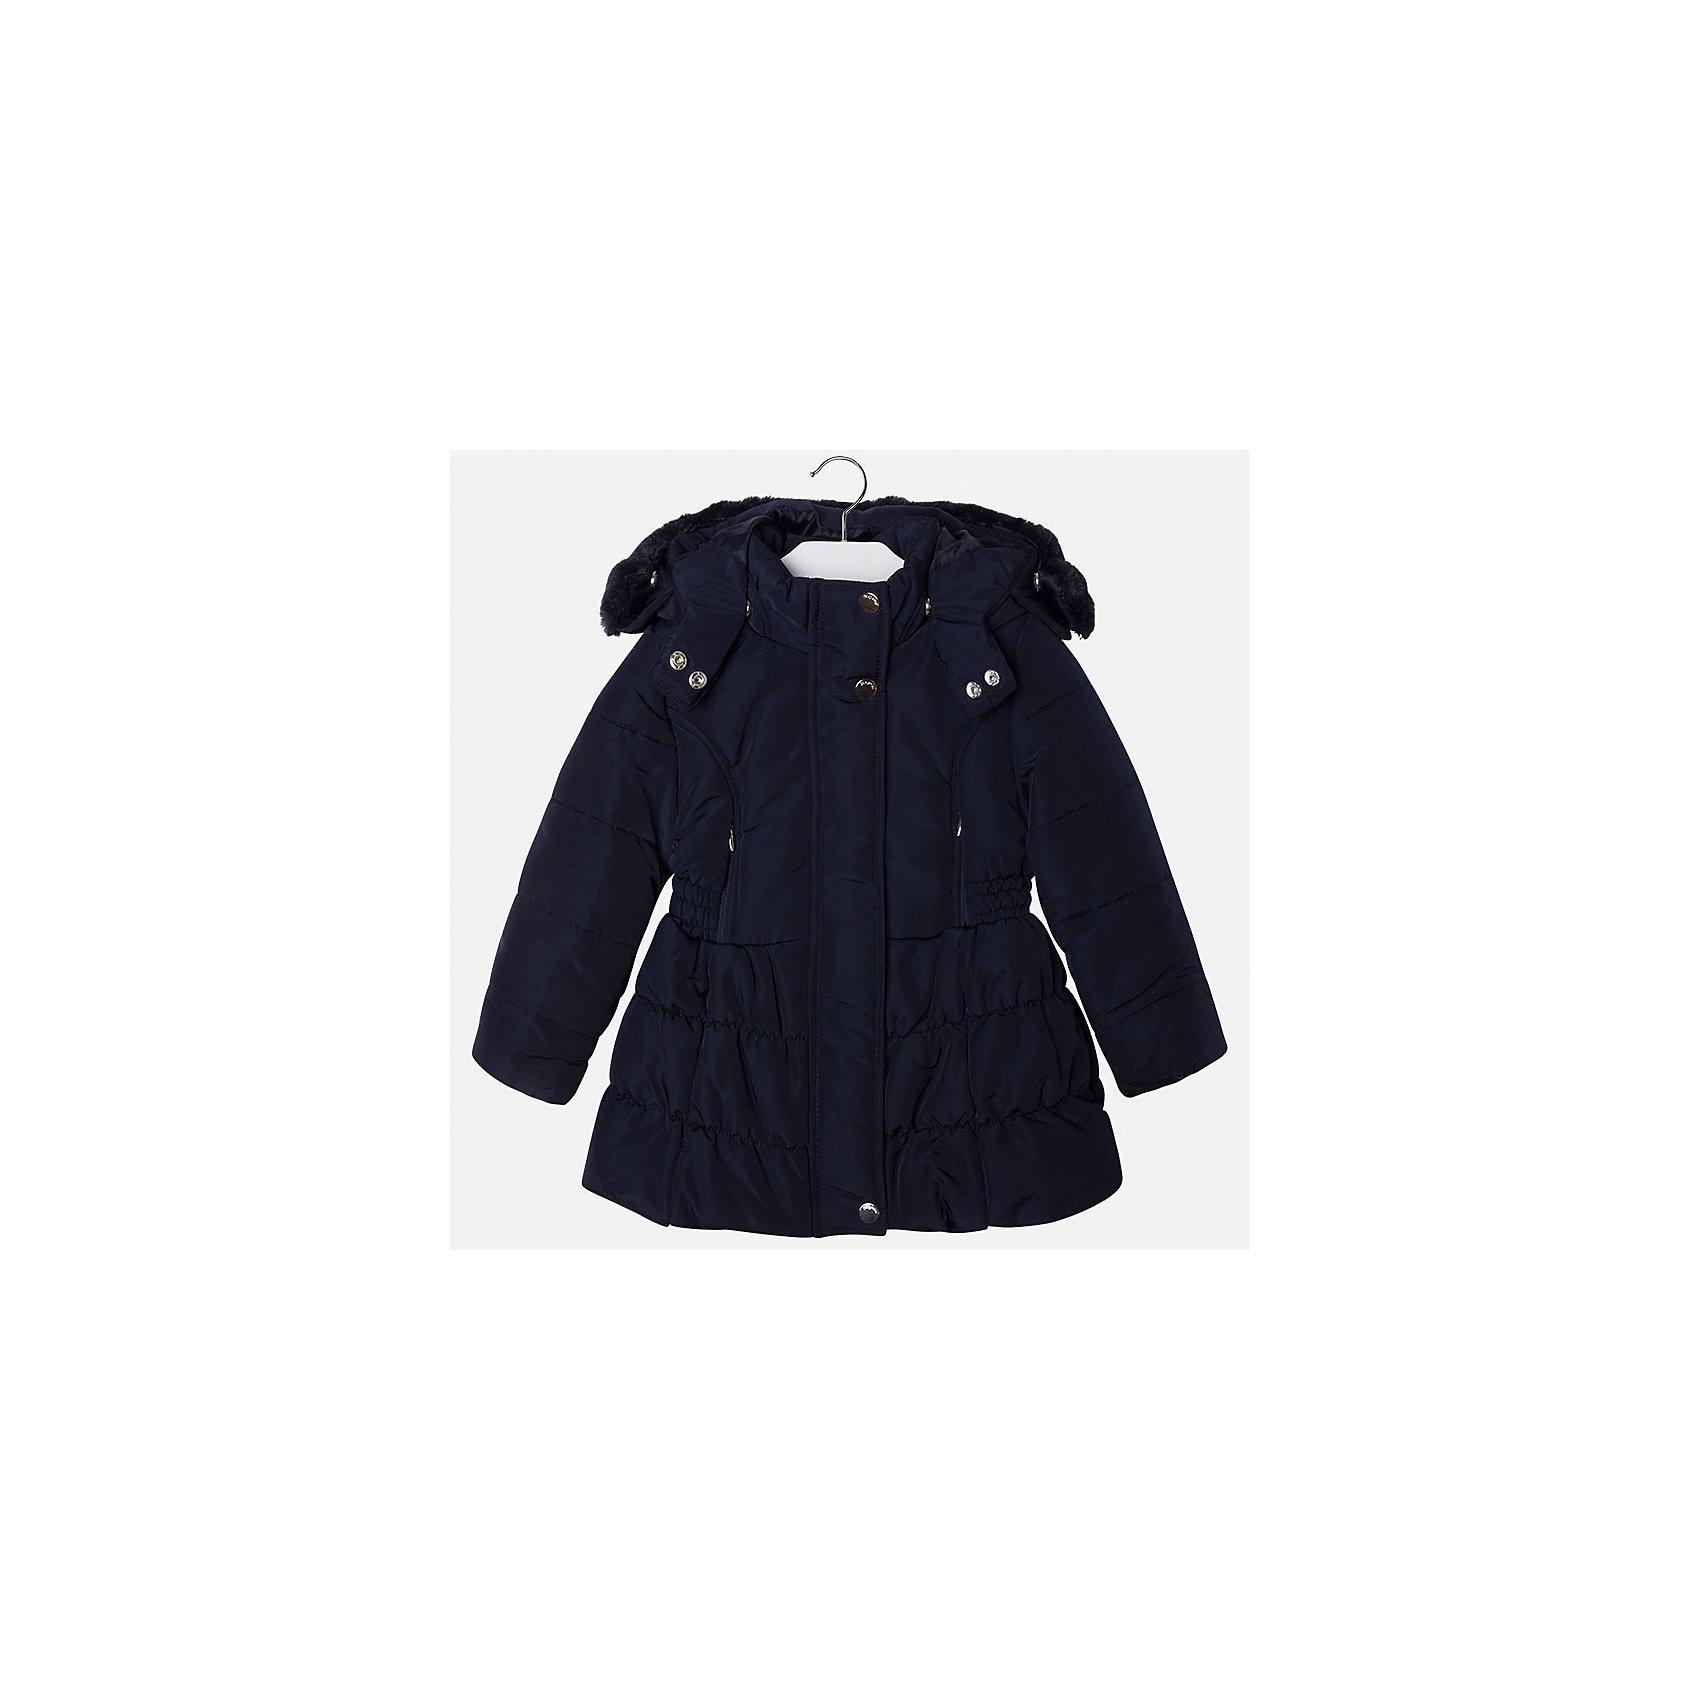 Куртка для девочки MayoralДемисезонные куртки<br>Куртка для девочки от известной испанской марки Mayoral(майорал). Модель с приталенным и расширенным к низу силуэтом. Есть большой удобный капюшон с искусственным мехом, застегивается на кнопки. Стильная теплая курточка - то, что нужно для комфортных прогулок!<br><br>Дополнительная информация:<br>Состав: 100% полиэстер<br>Цвет: темно-синий<br>Куртку Mayoral(Майорал) вы можете приобрести в нашем интернет-магазине.<br><br>Ширина мм: 356<br>Глубина мм: 10<br>Высота мм: 245<br>Вес г: 519<br>Цвет: синий<br>Возраст от месяцев: 48<br>Возраст до месяцев: 60<br>Пол: Женский<br>Возраст: Детский<br>Размер: 110,104,134,98,122,128,116<br>SKU: 4843890